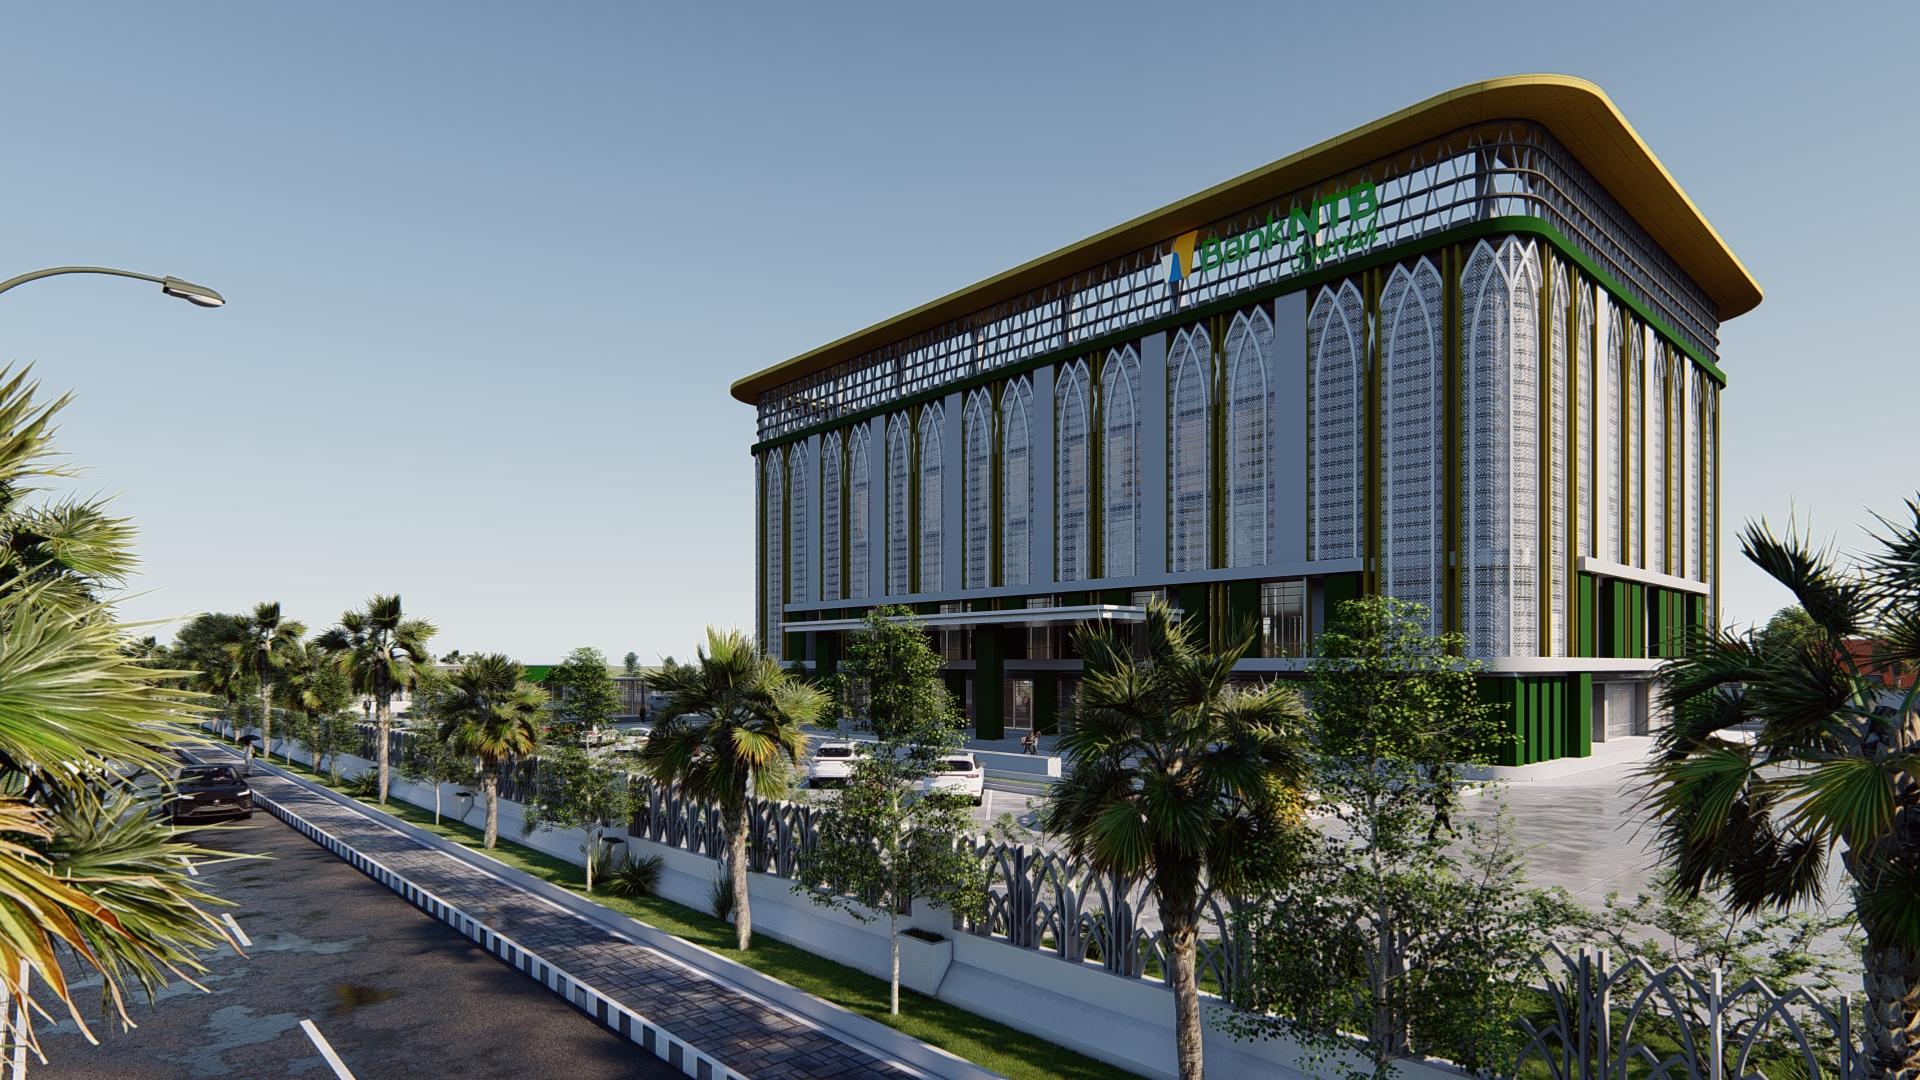 Jasa-Konsultansi-Perencana-Pembangunan-Gedung-PT-Bank-NTB-Syariah-Kantor-Cabang-Tente.html